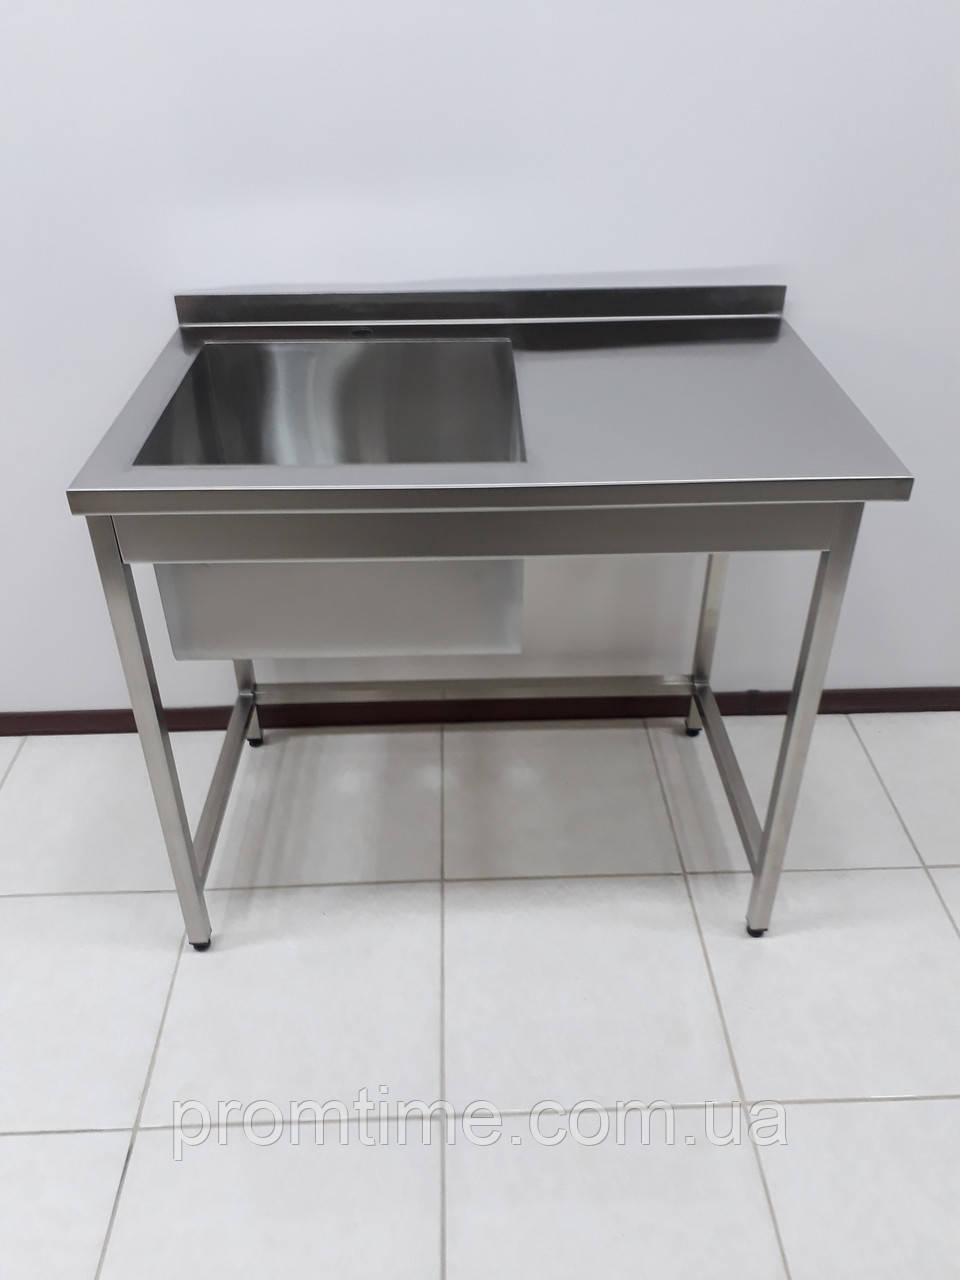 Стол мойка для ресторанной кухни из нержавеющей стали 1000х600х850